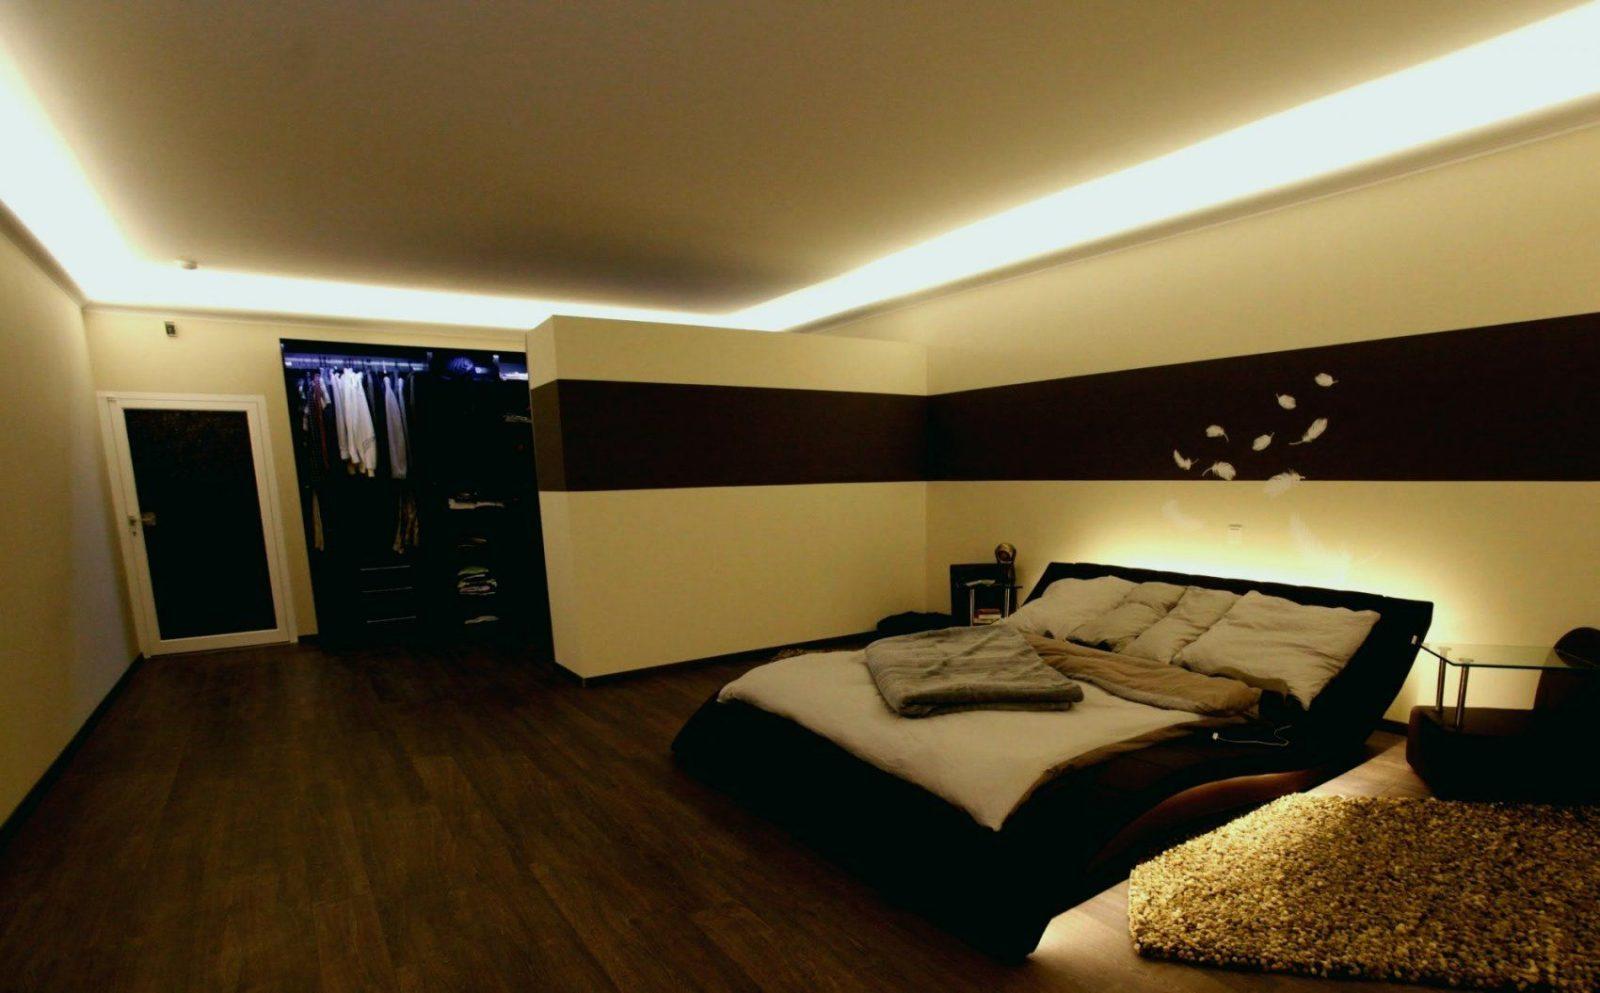 Indirekte Led Beleuchtung Beste Led Beleuchtung Wohnzimmer Selber von Led Beleuchtung Wohnzimmer Selber Bauen Bild